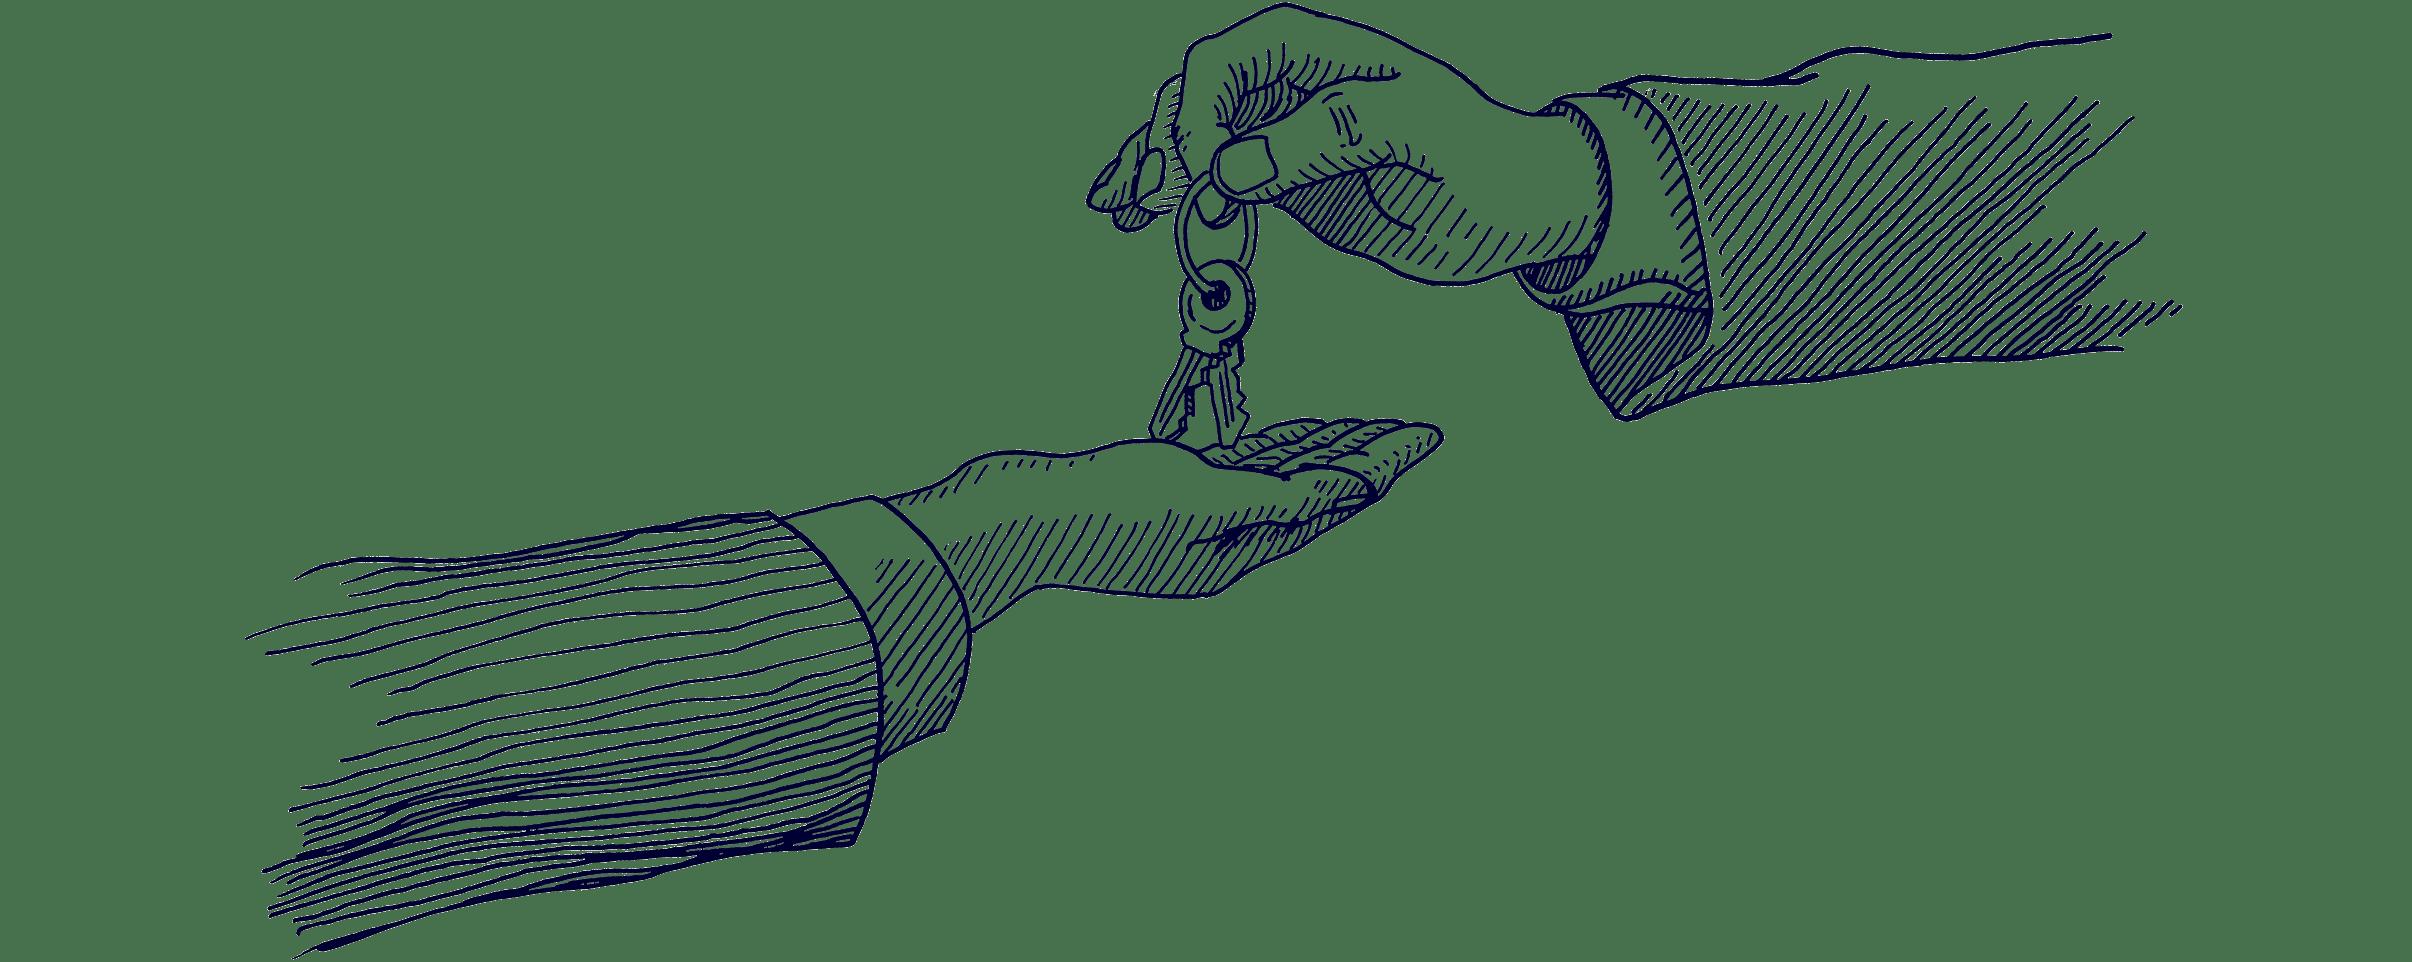 Unternehmensnachfolge & Stiftungsrecht | Haslinger / Nagele, Illustration: Karlheinz Wasserbacher